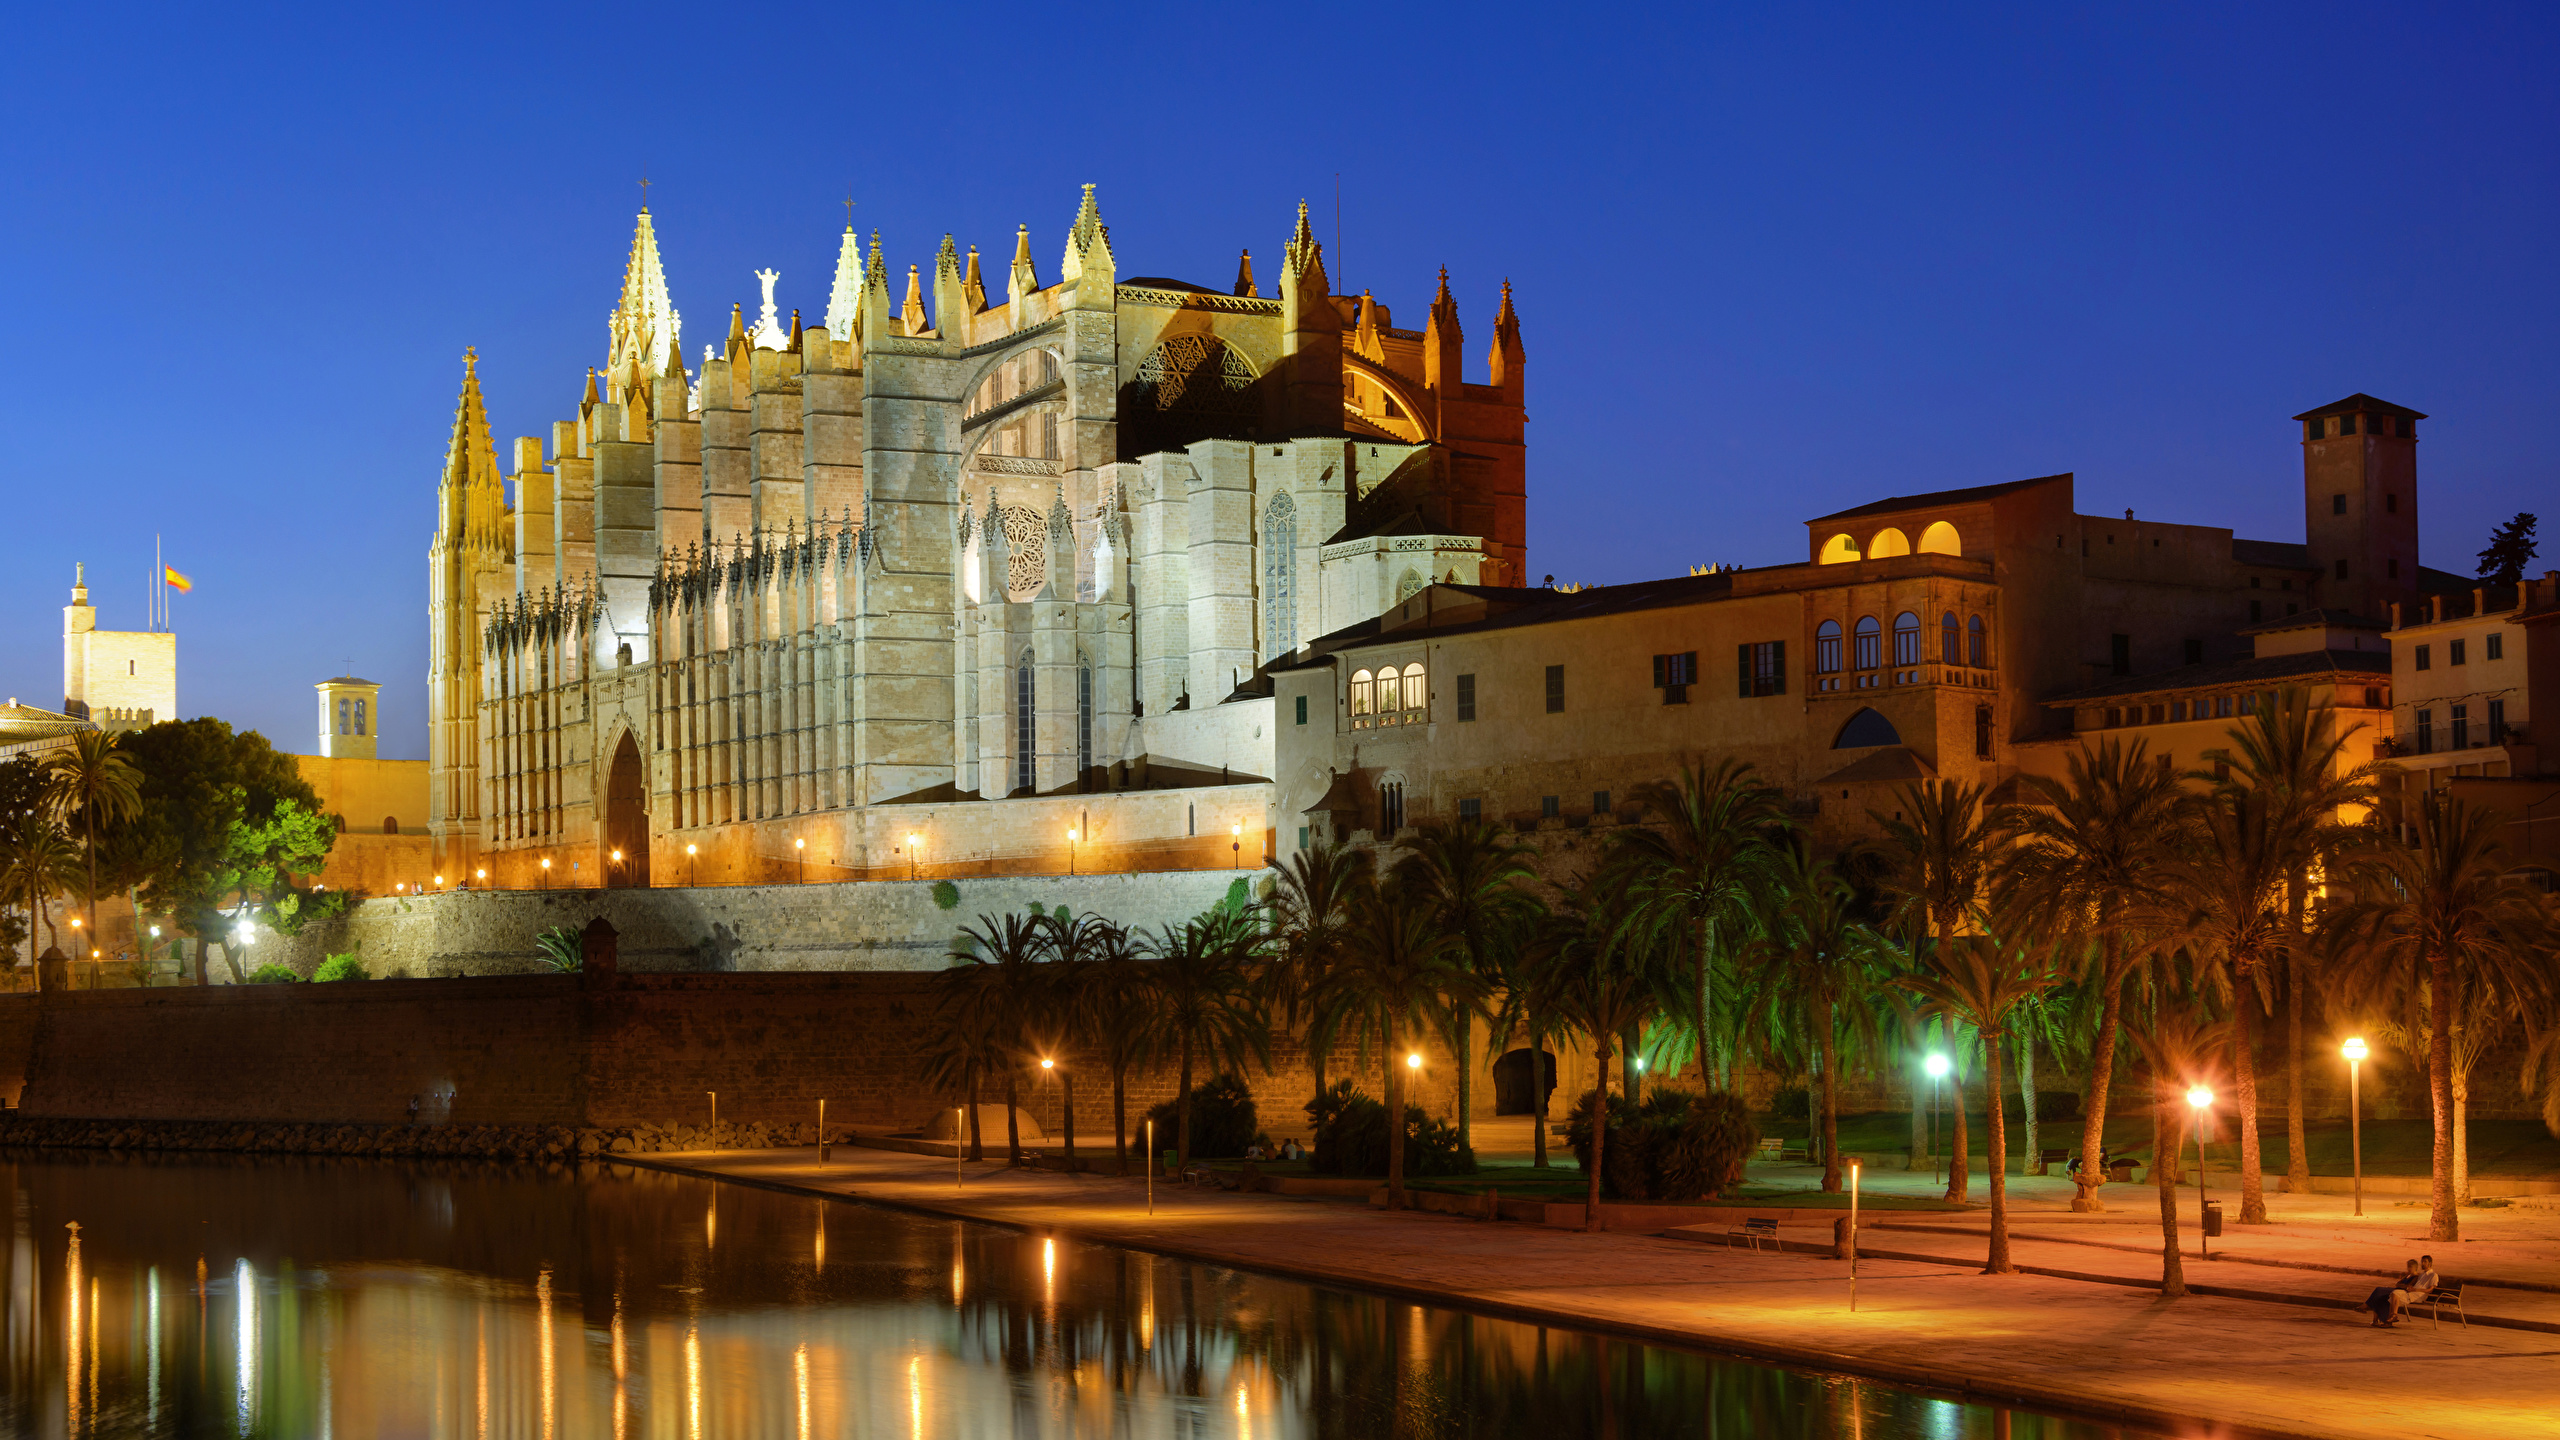 Wallpaper Majorca Mallorca Palace Spain Palma de Mallorca 2560x1440 2560x1440